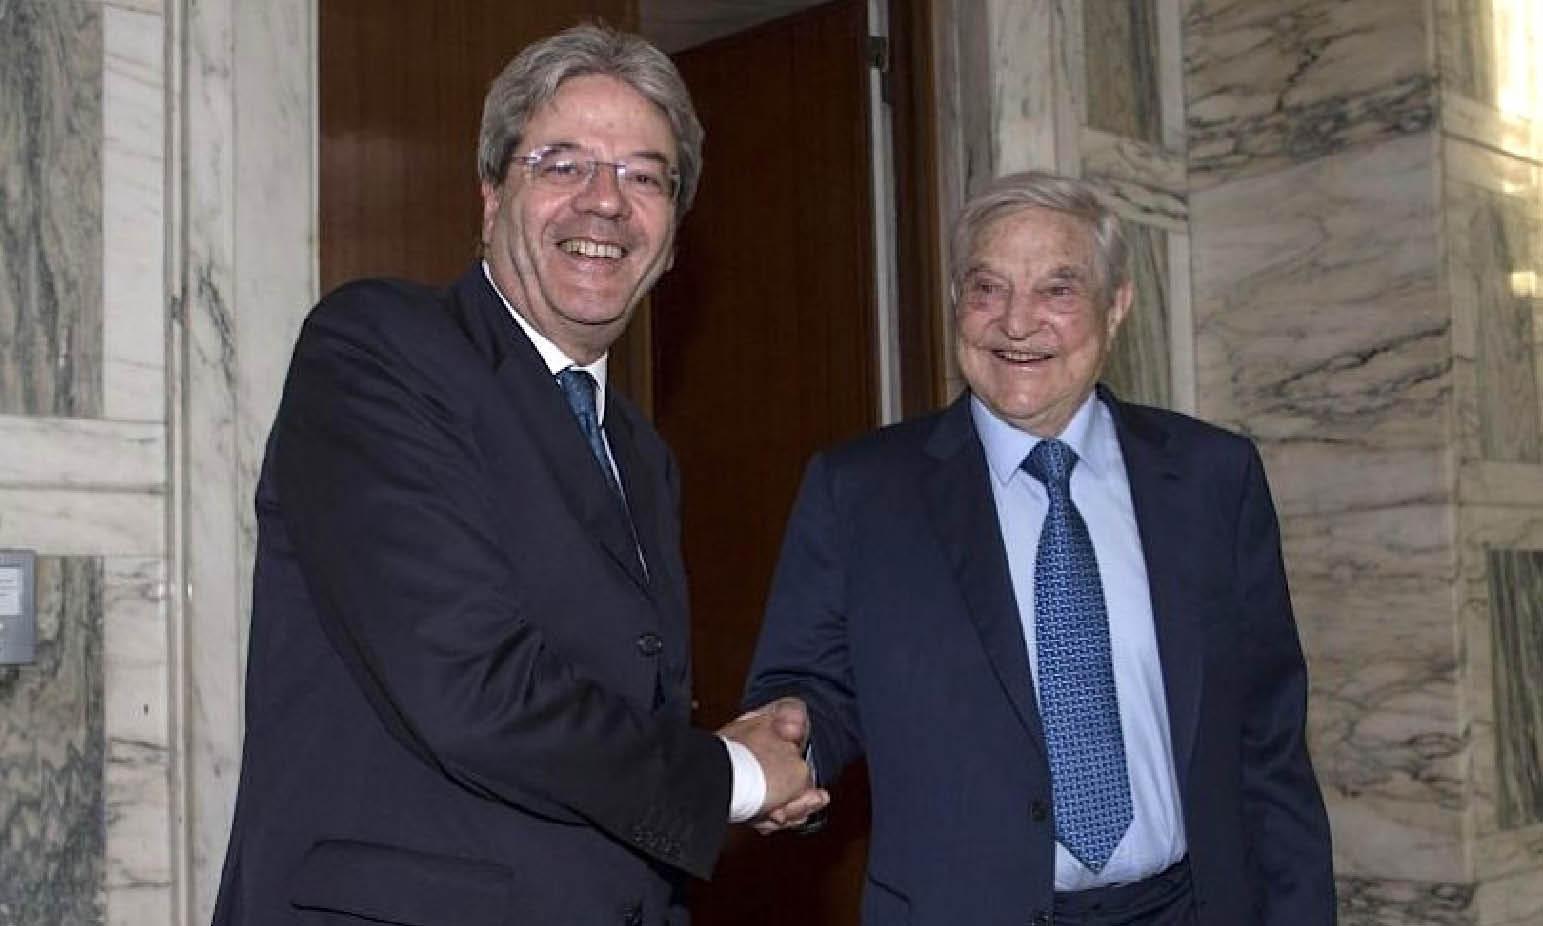 CRISI CORONAVIRUS E MES nelle mani del Gatto e la Volpe di Soros